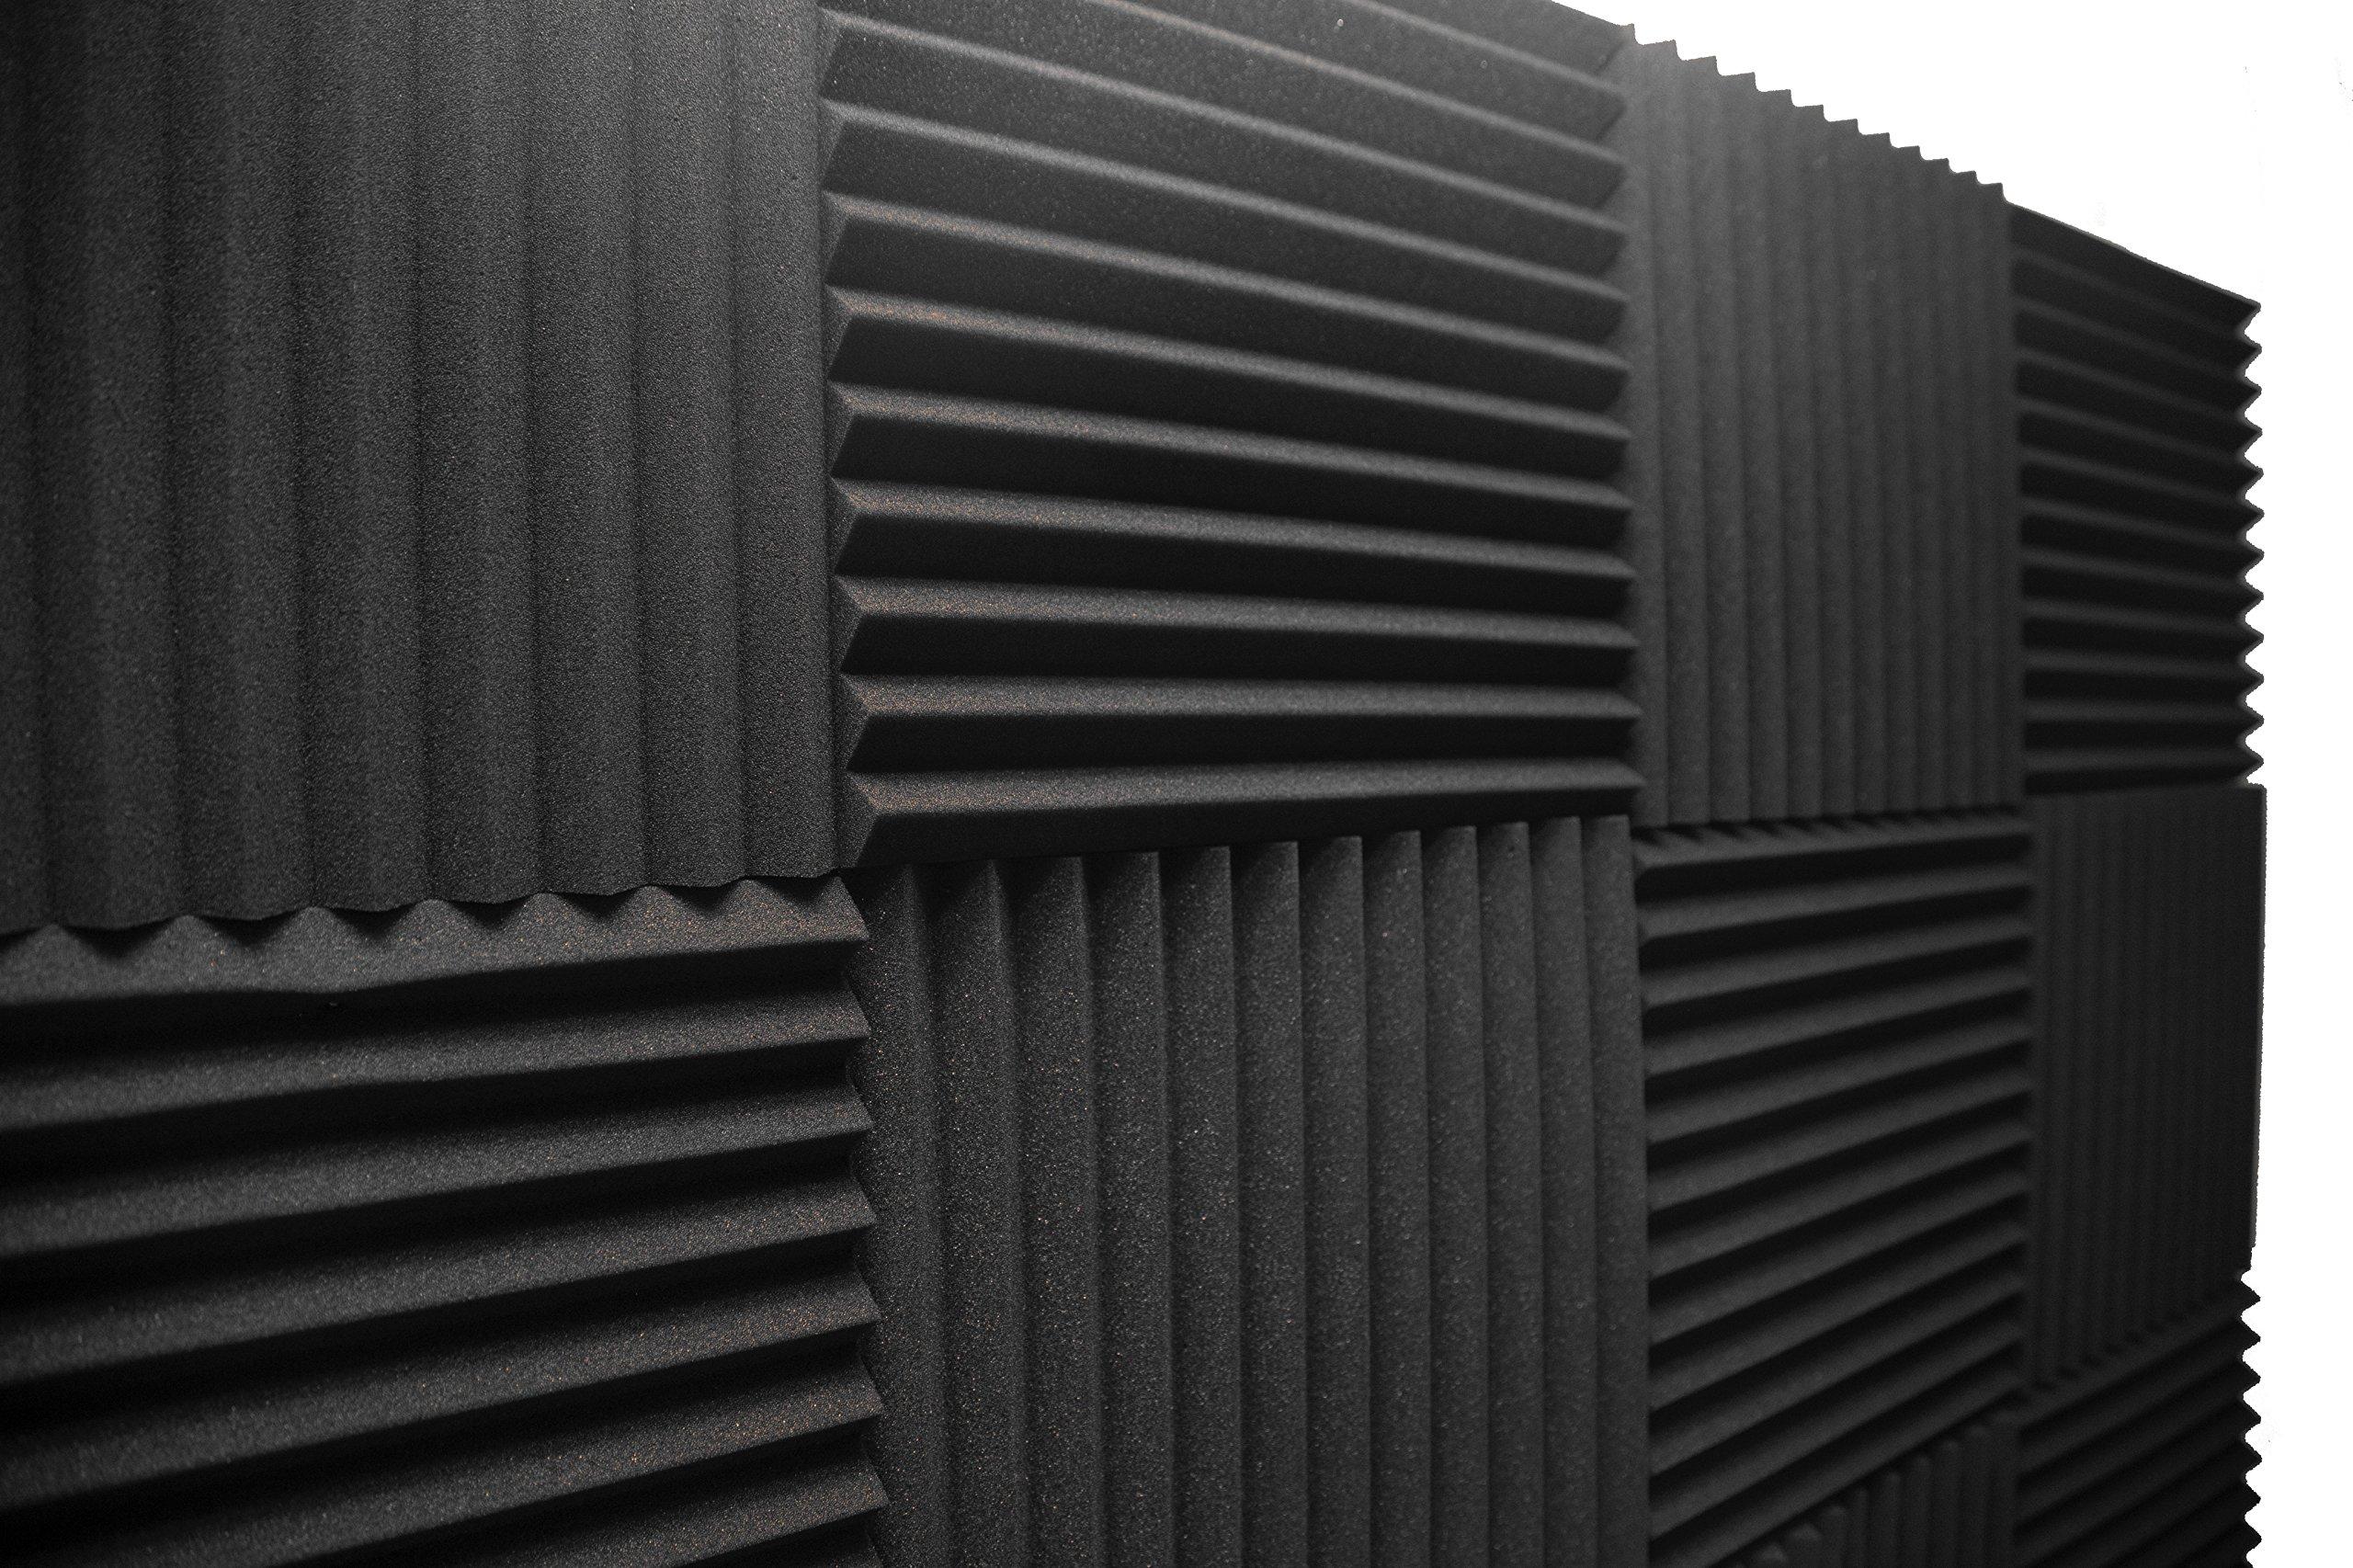 Acoustic Foam Panels; Studio Wedge Tiles; 12 Pack; 1'' X 12'' X 12'' by Emerson Studio Acoustics